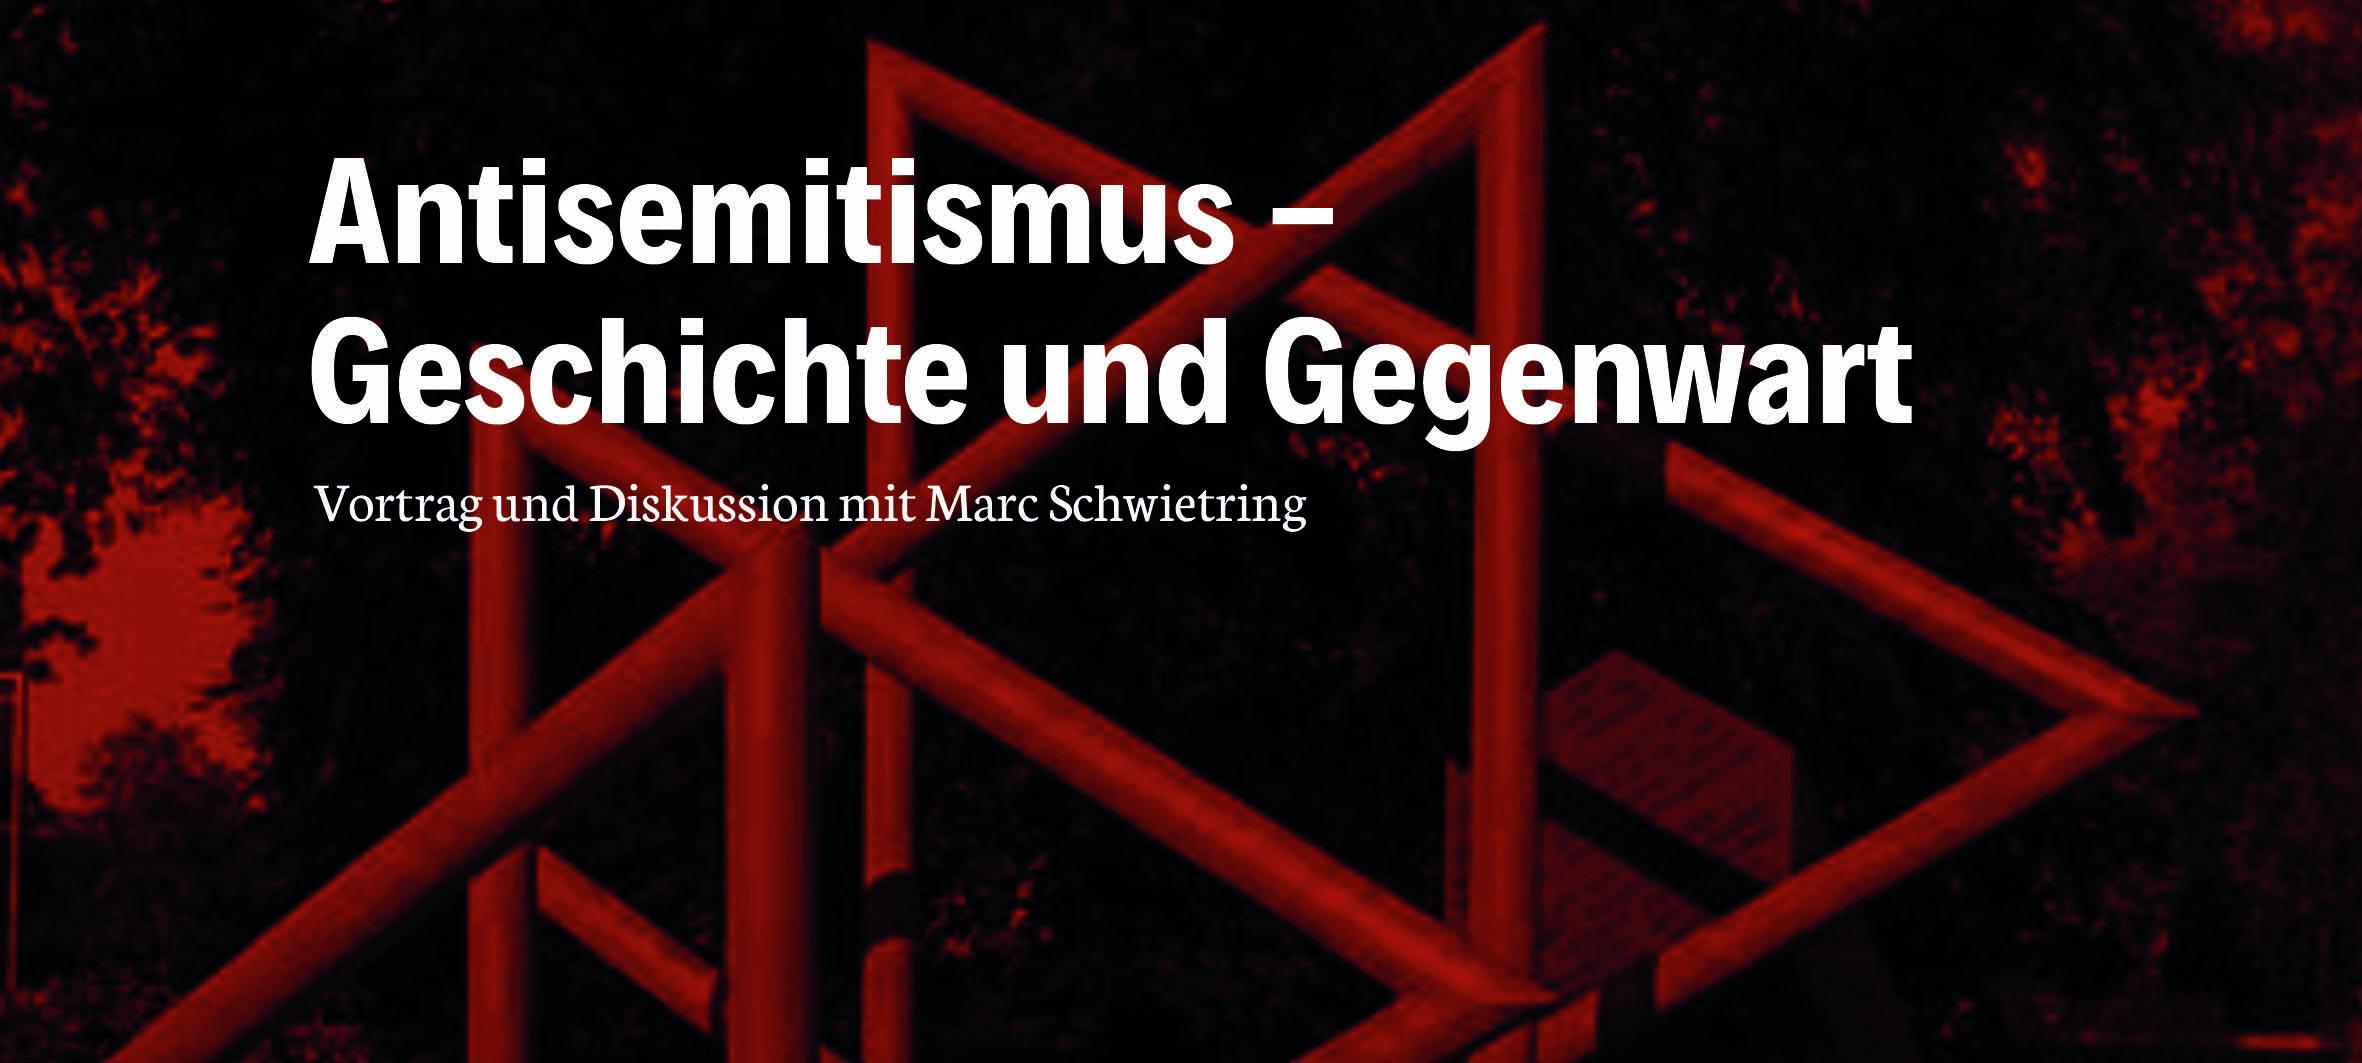 Vortrag: Antisemitismus – Geschichte und Gegenwart